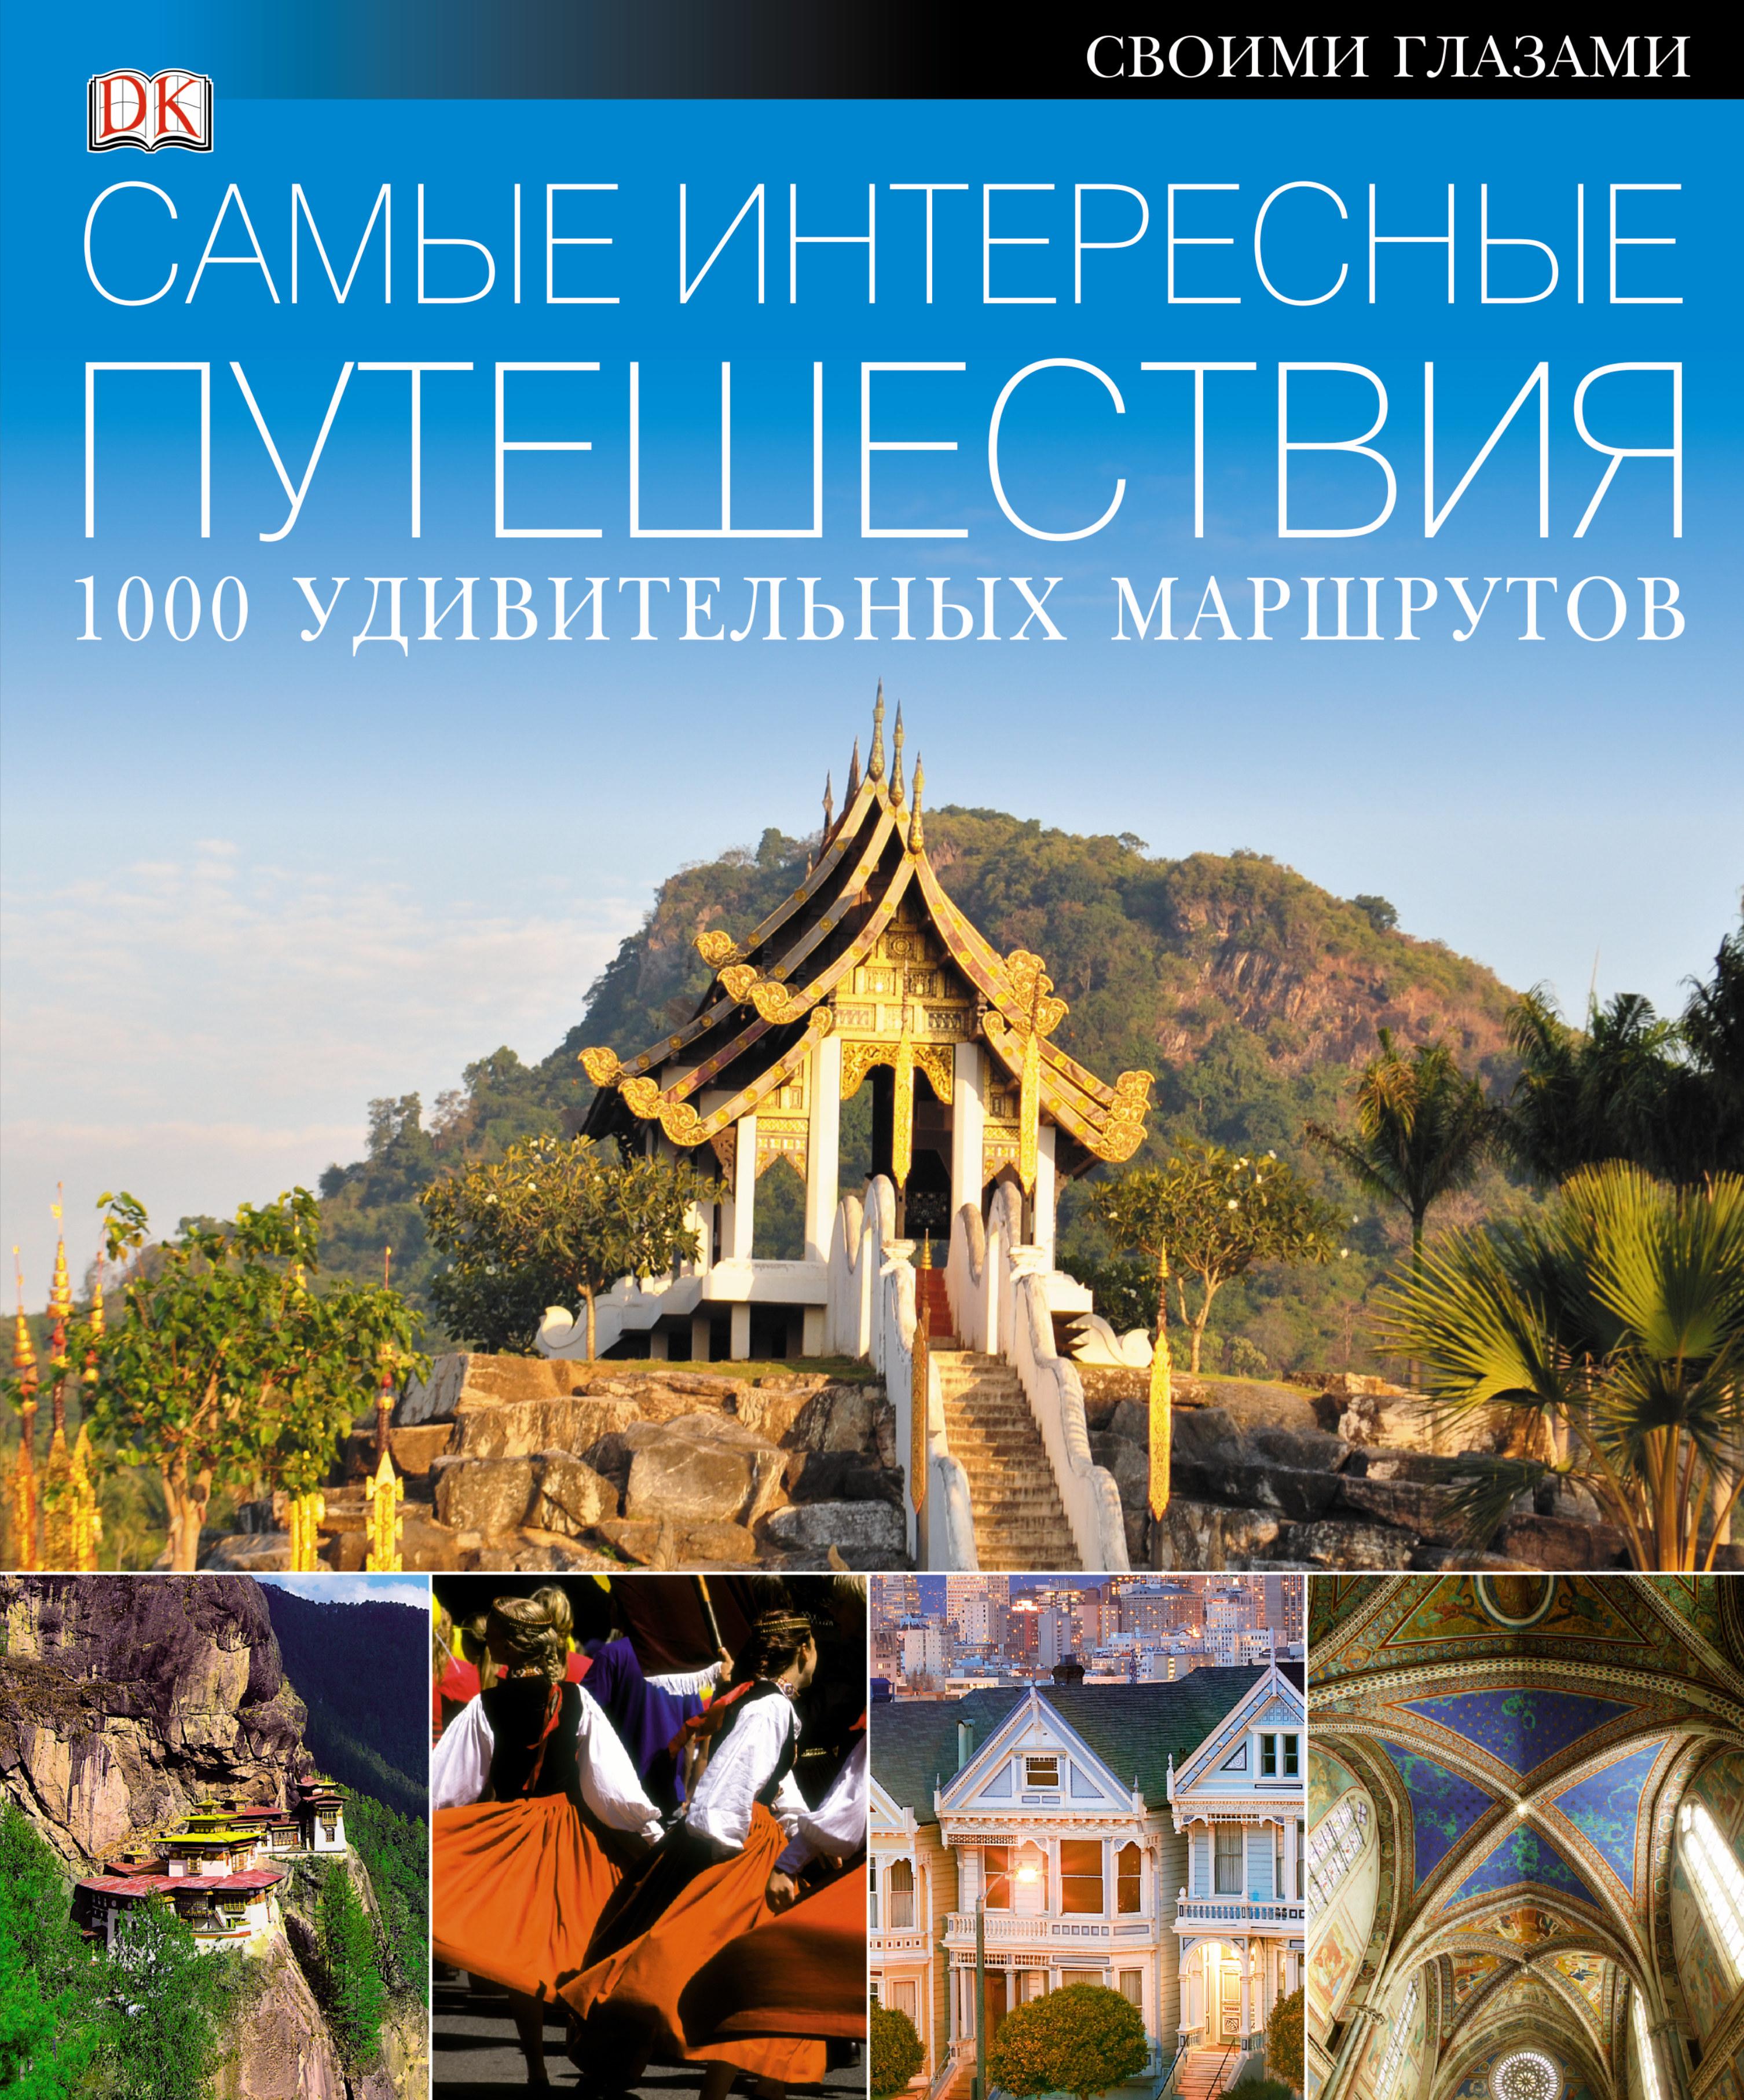 САМЫЕ ИНТЕРЕСНЫЕ ПУТЕШЕСТВИЯ. 1000 удивительных маршрутов от book24.ru